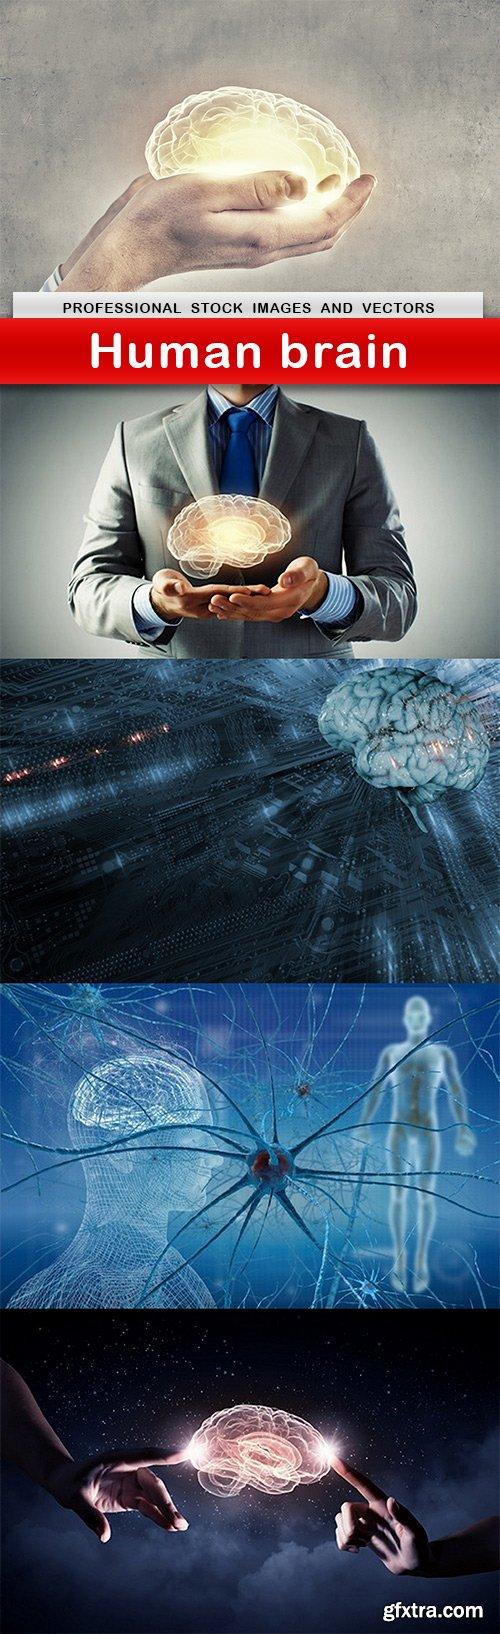 Human brain - 5 UHQ JPEG